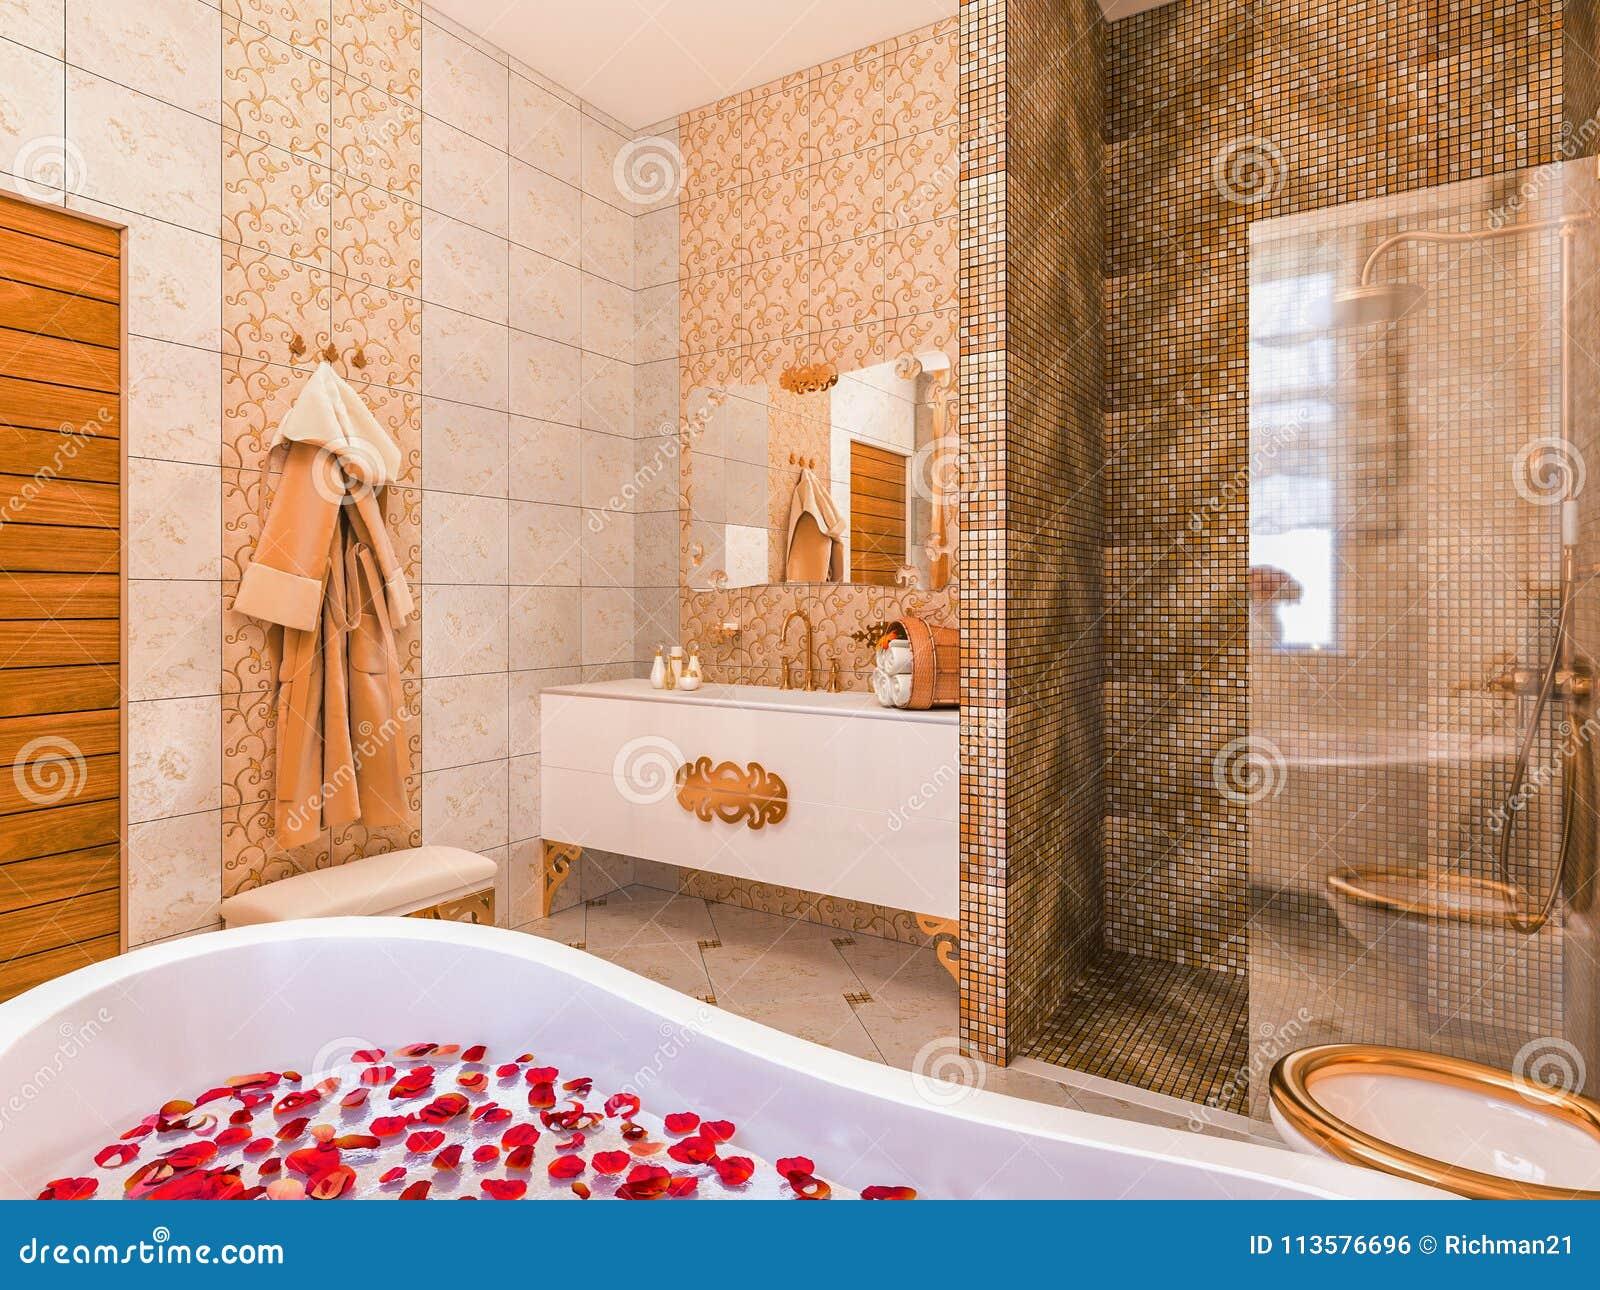 Ejemplo 3d De Un Diseño Interior De Un Cuarto De Baño En Una Obra ...